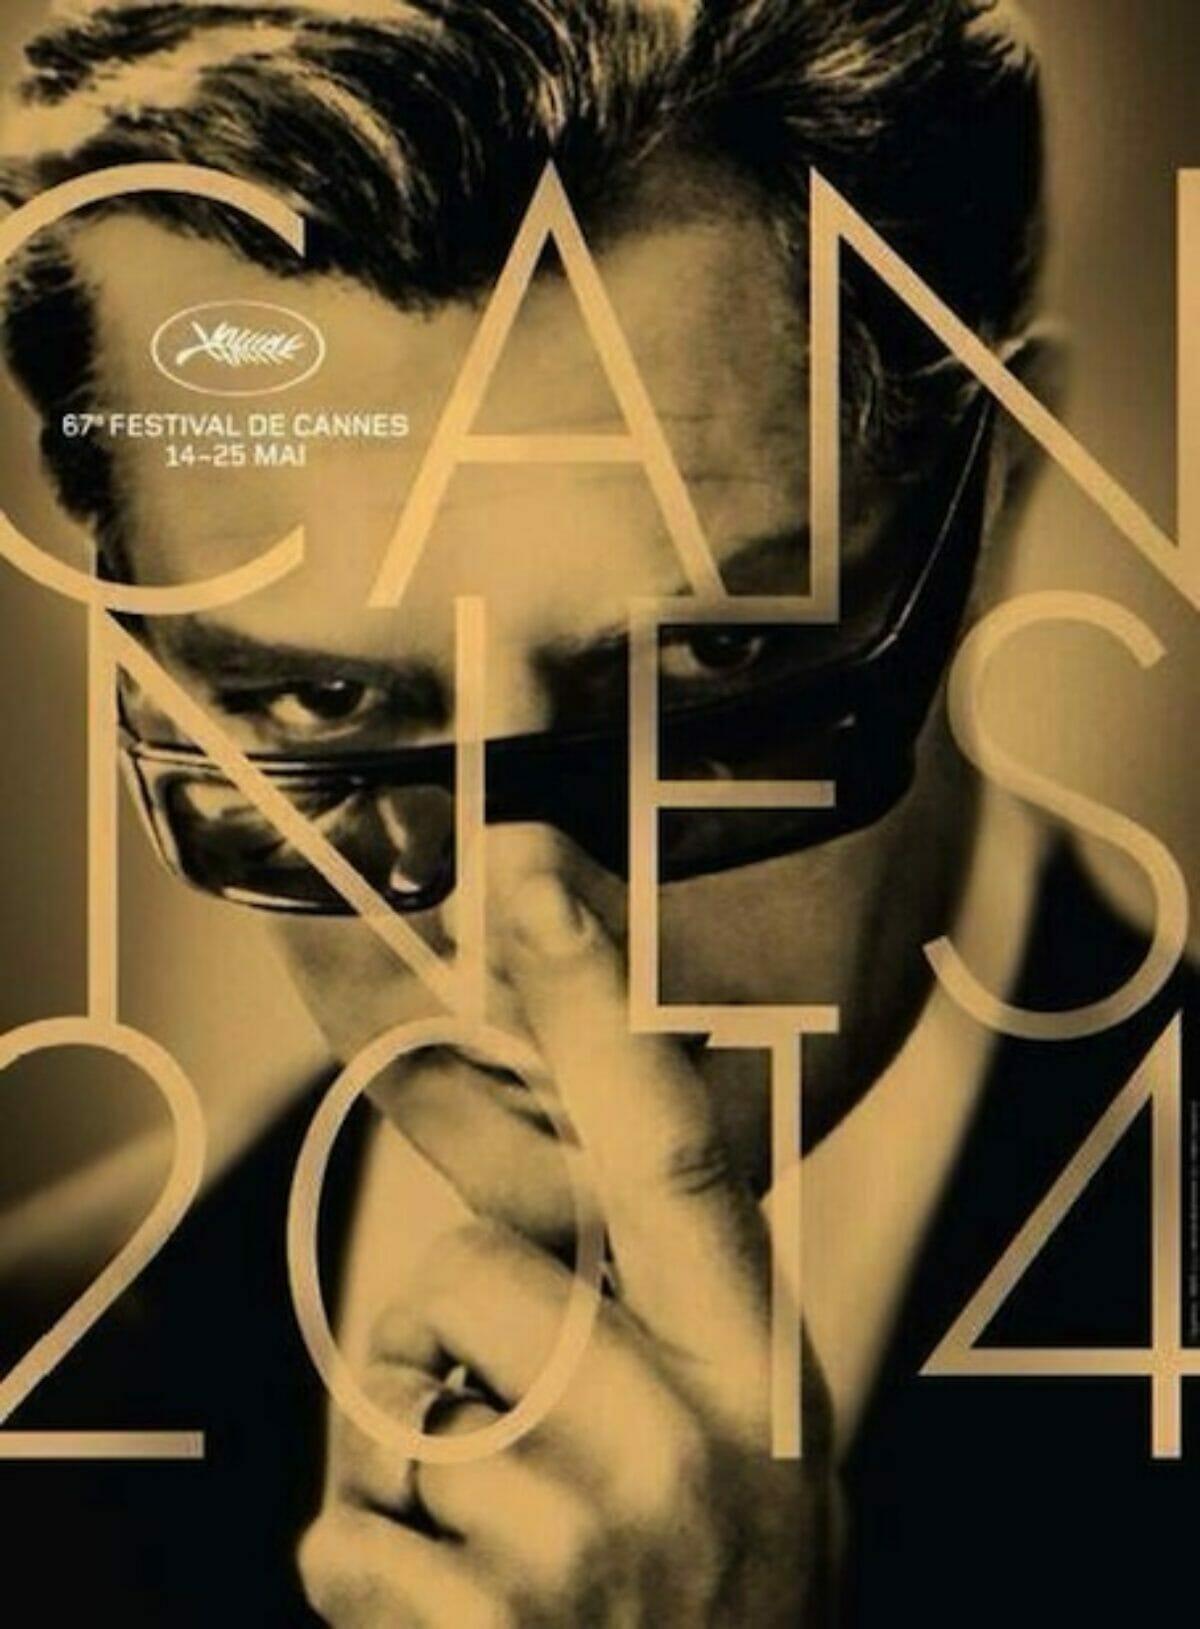 Festival-de-Cannes-2014-affiche